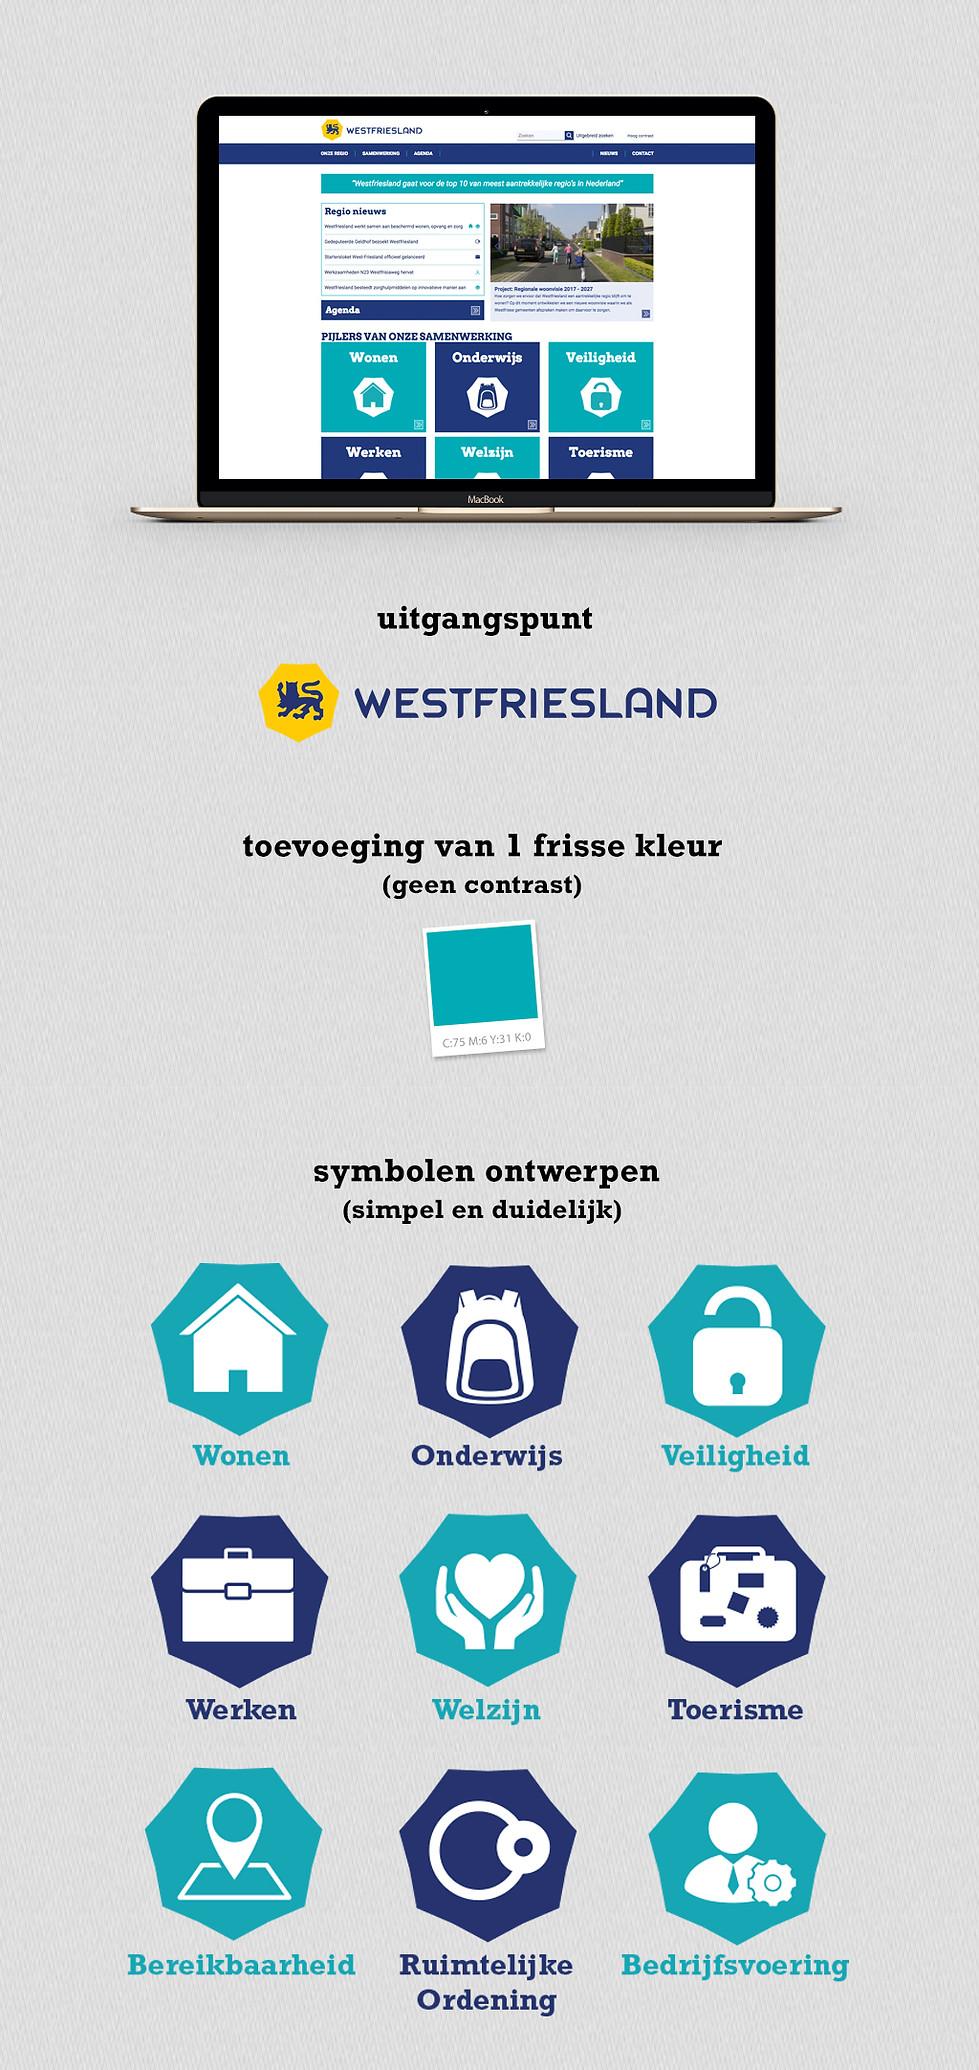 Regio Westfriesland.jpg